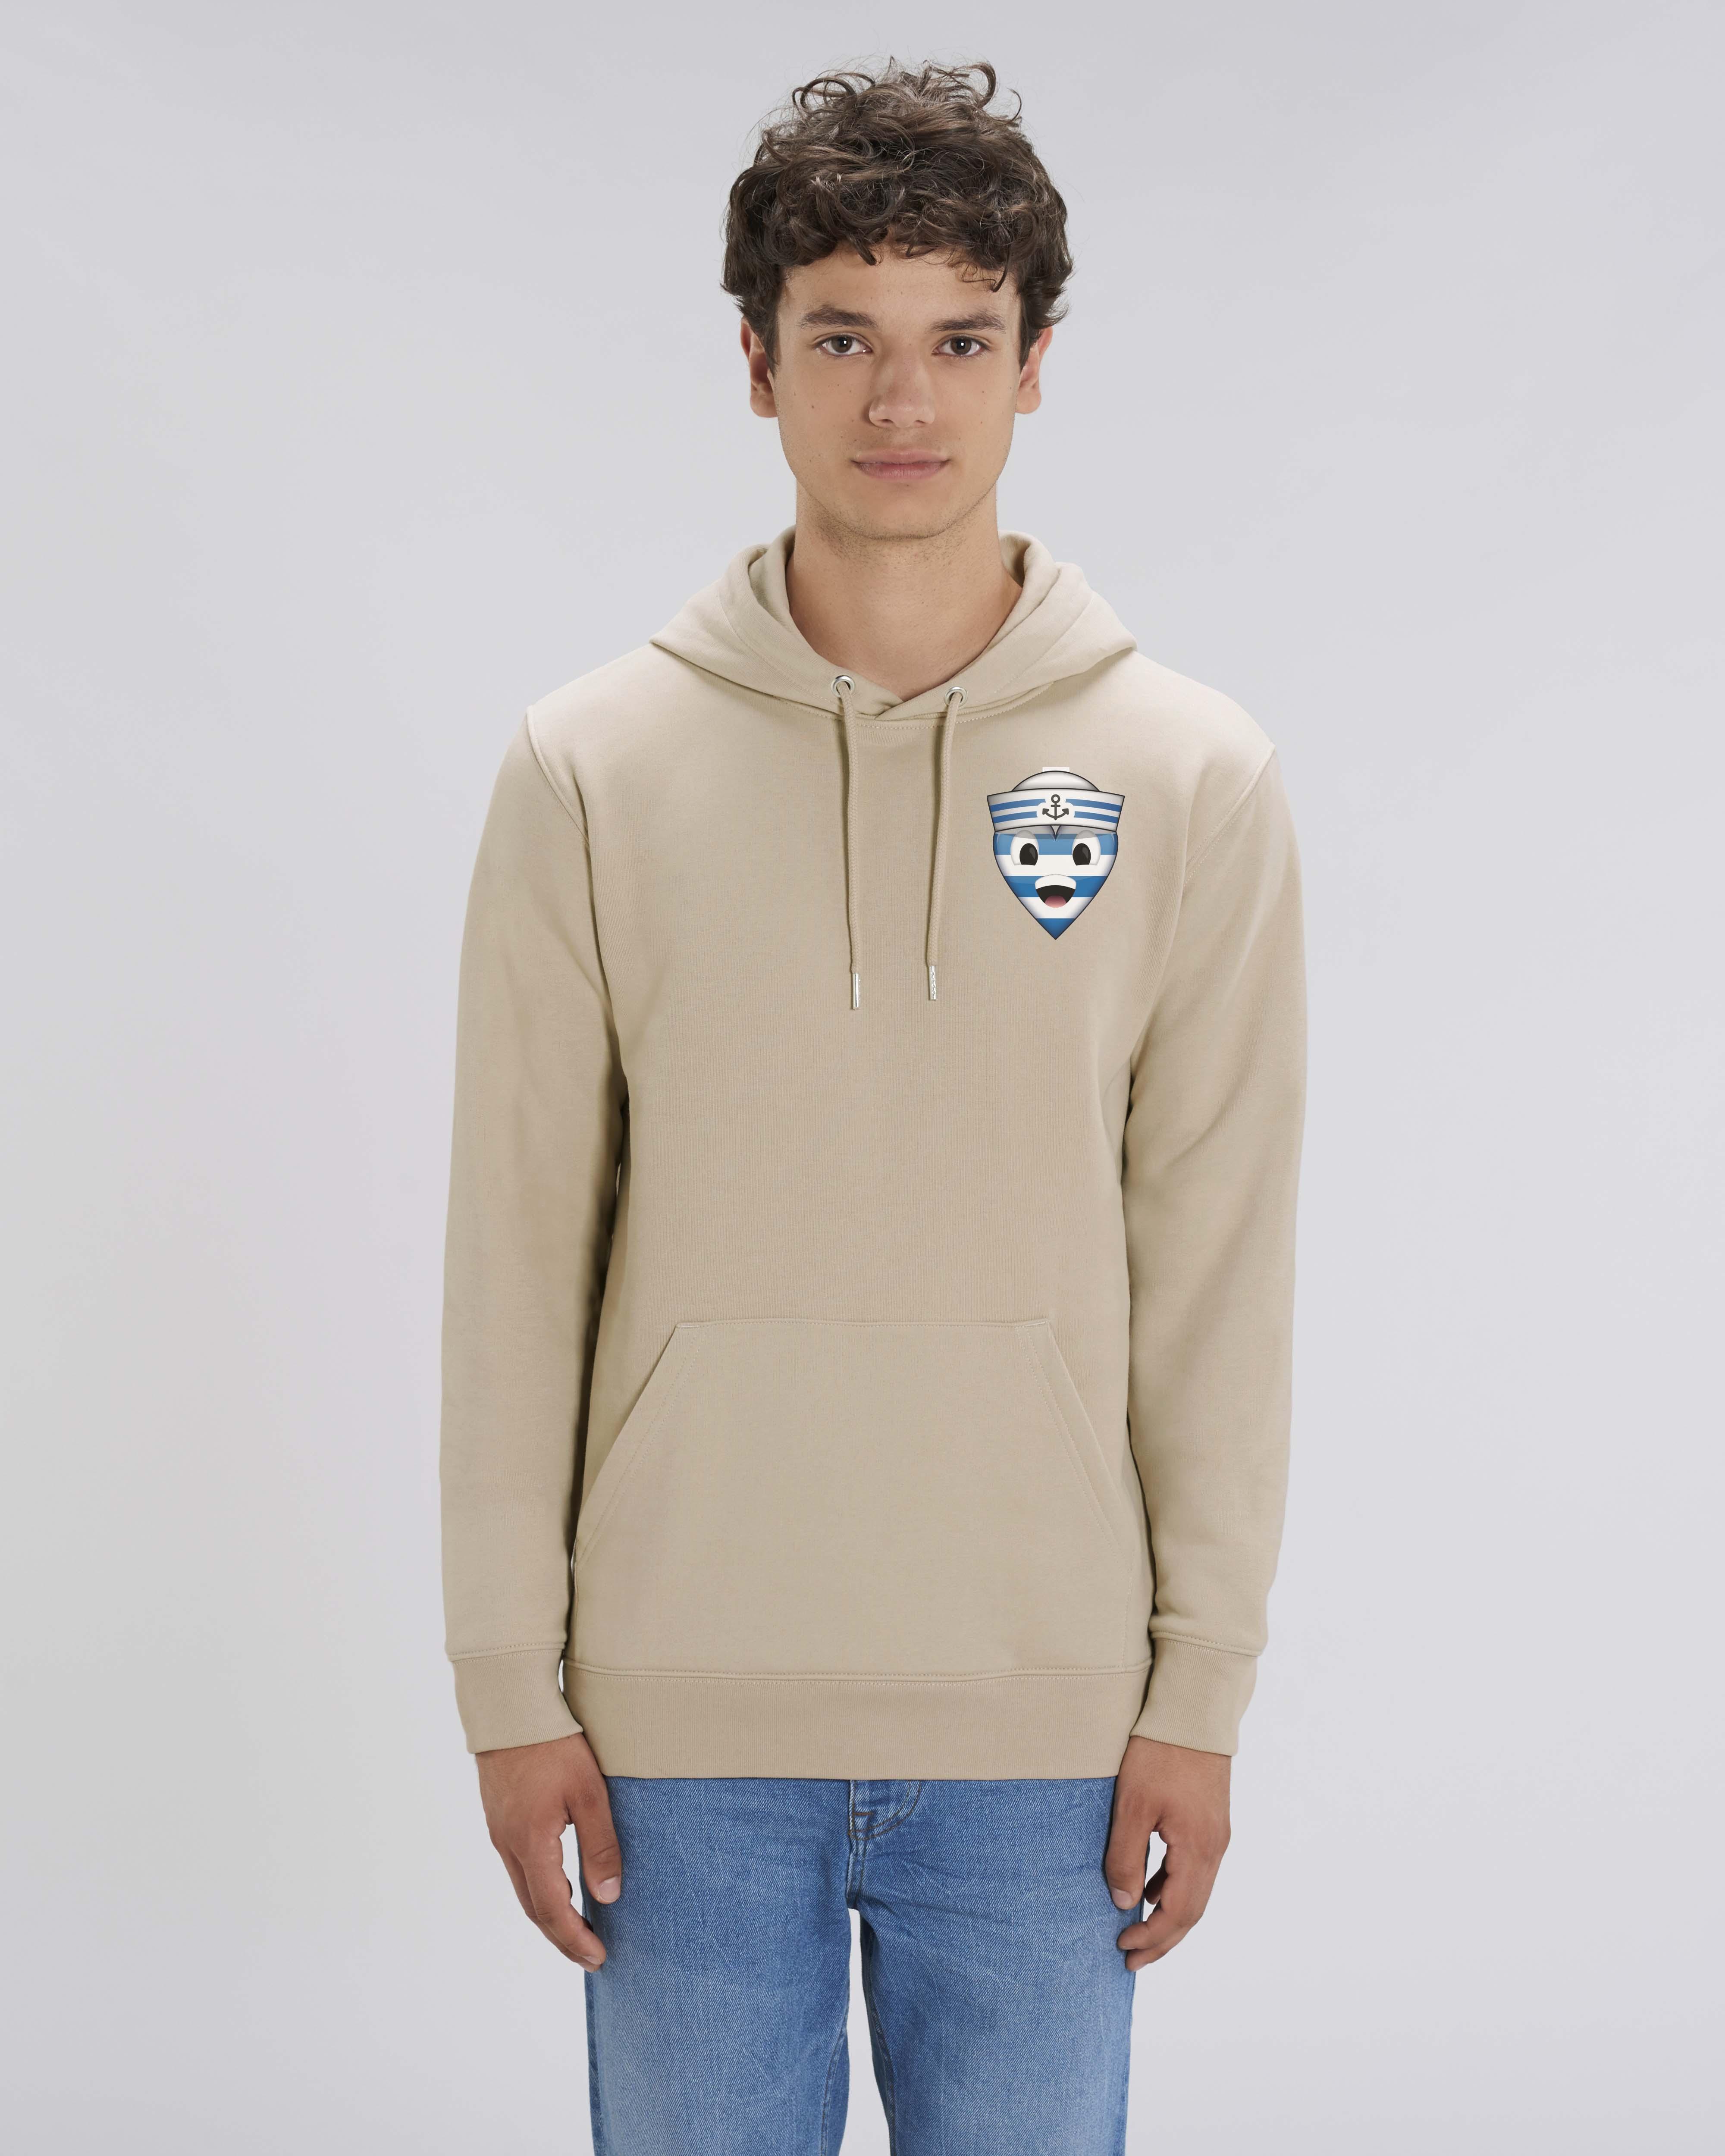 Sweat shirt à Capuche beige homme - navy hoodie